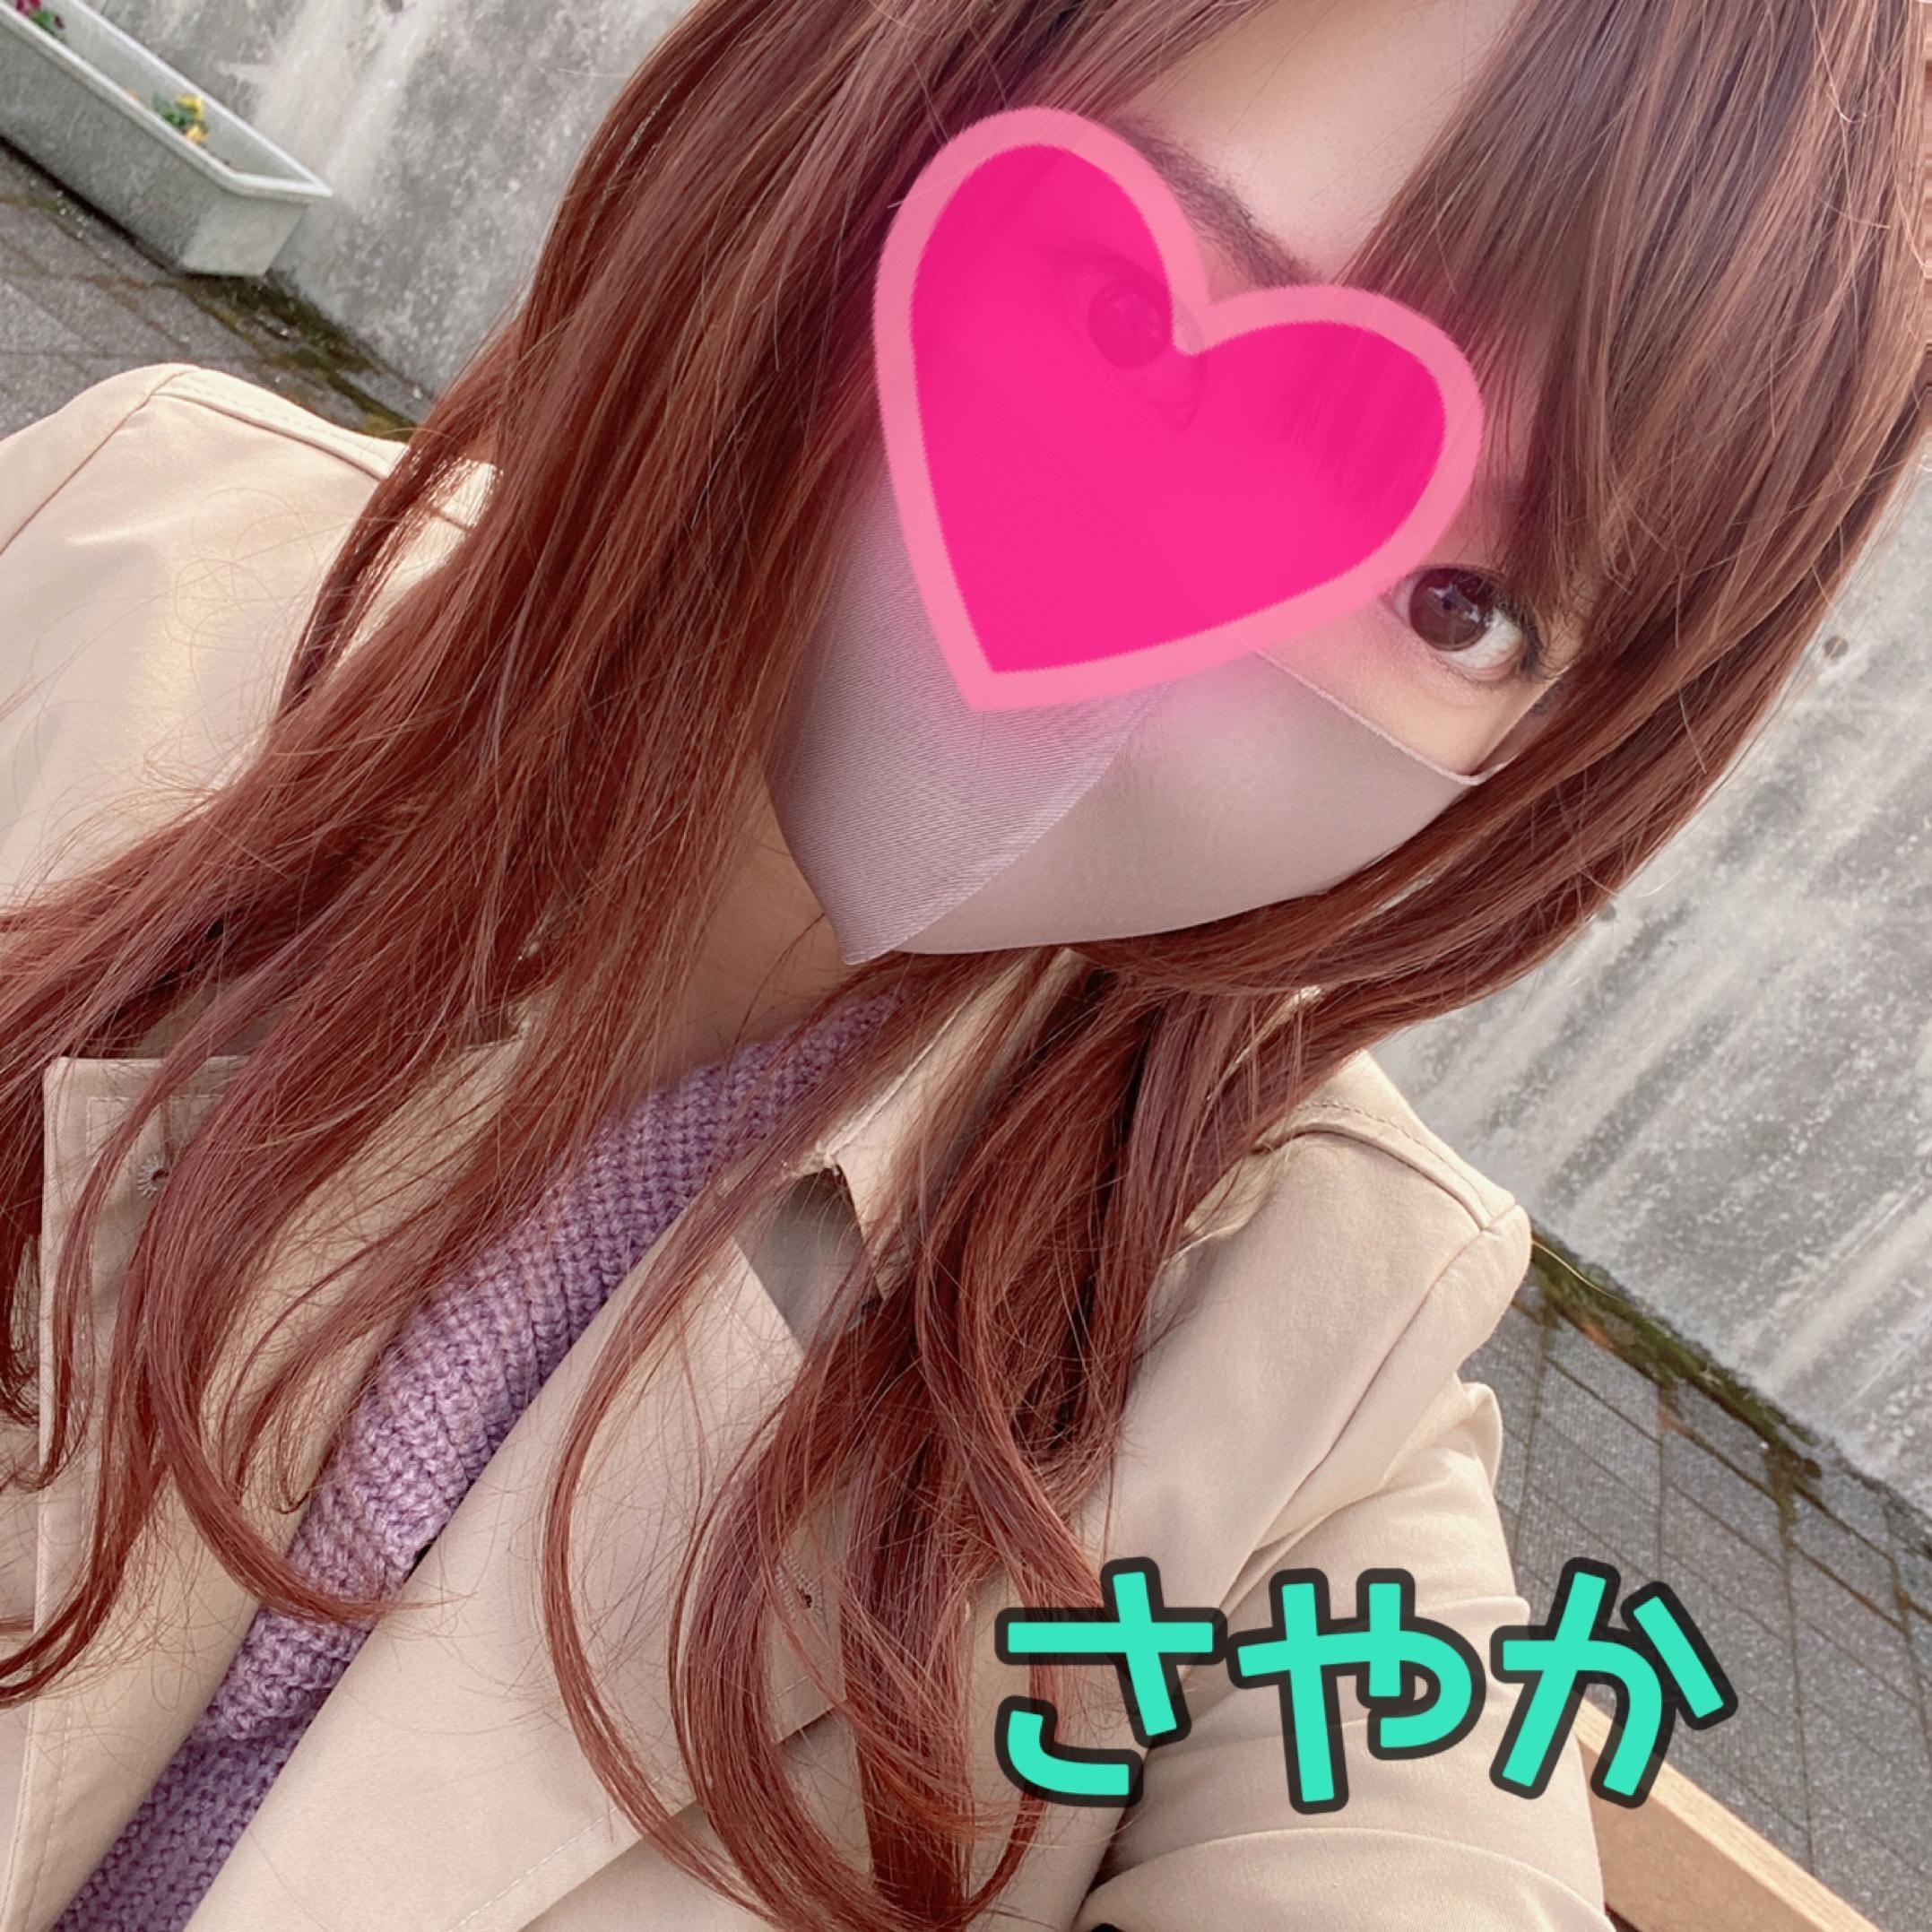 「さやかです☆」02/16(火) 14:13 | 新人 さやかサンの写メ・風俗動画